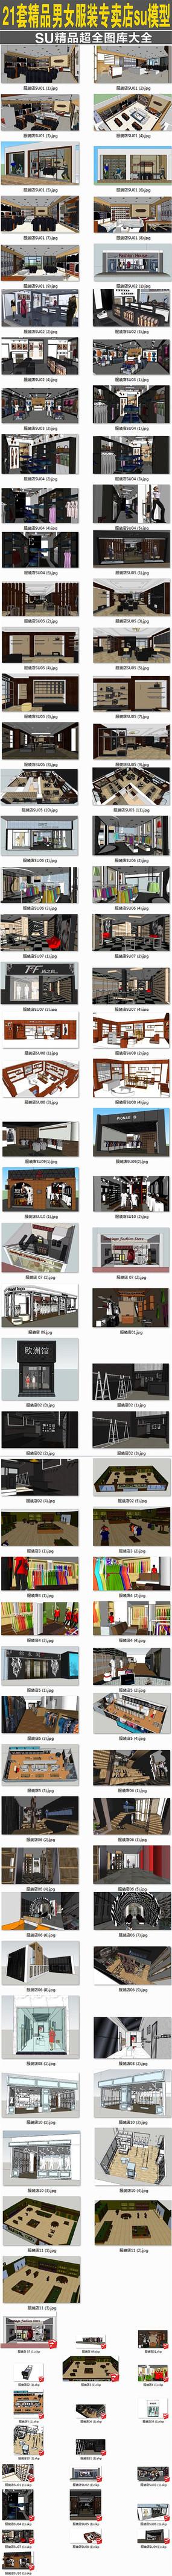 21套服装店SU模型